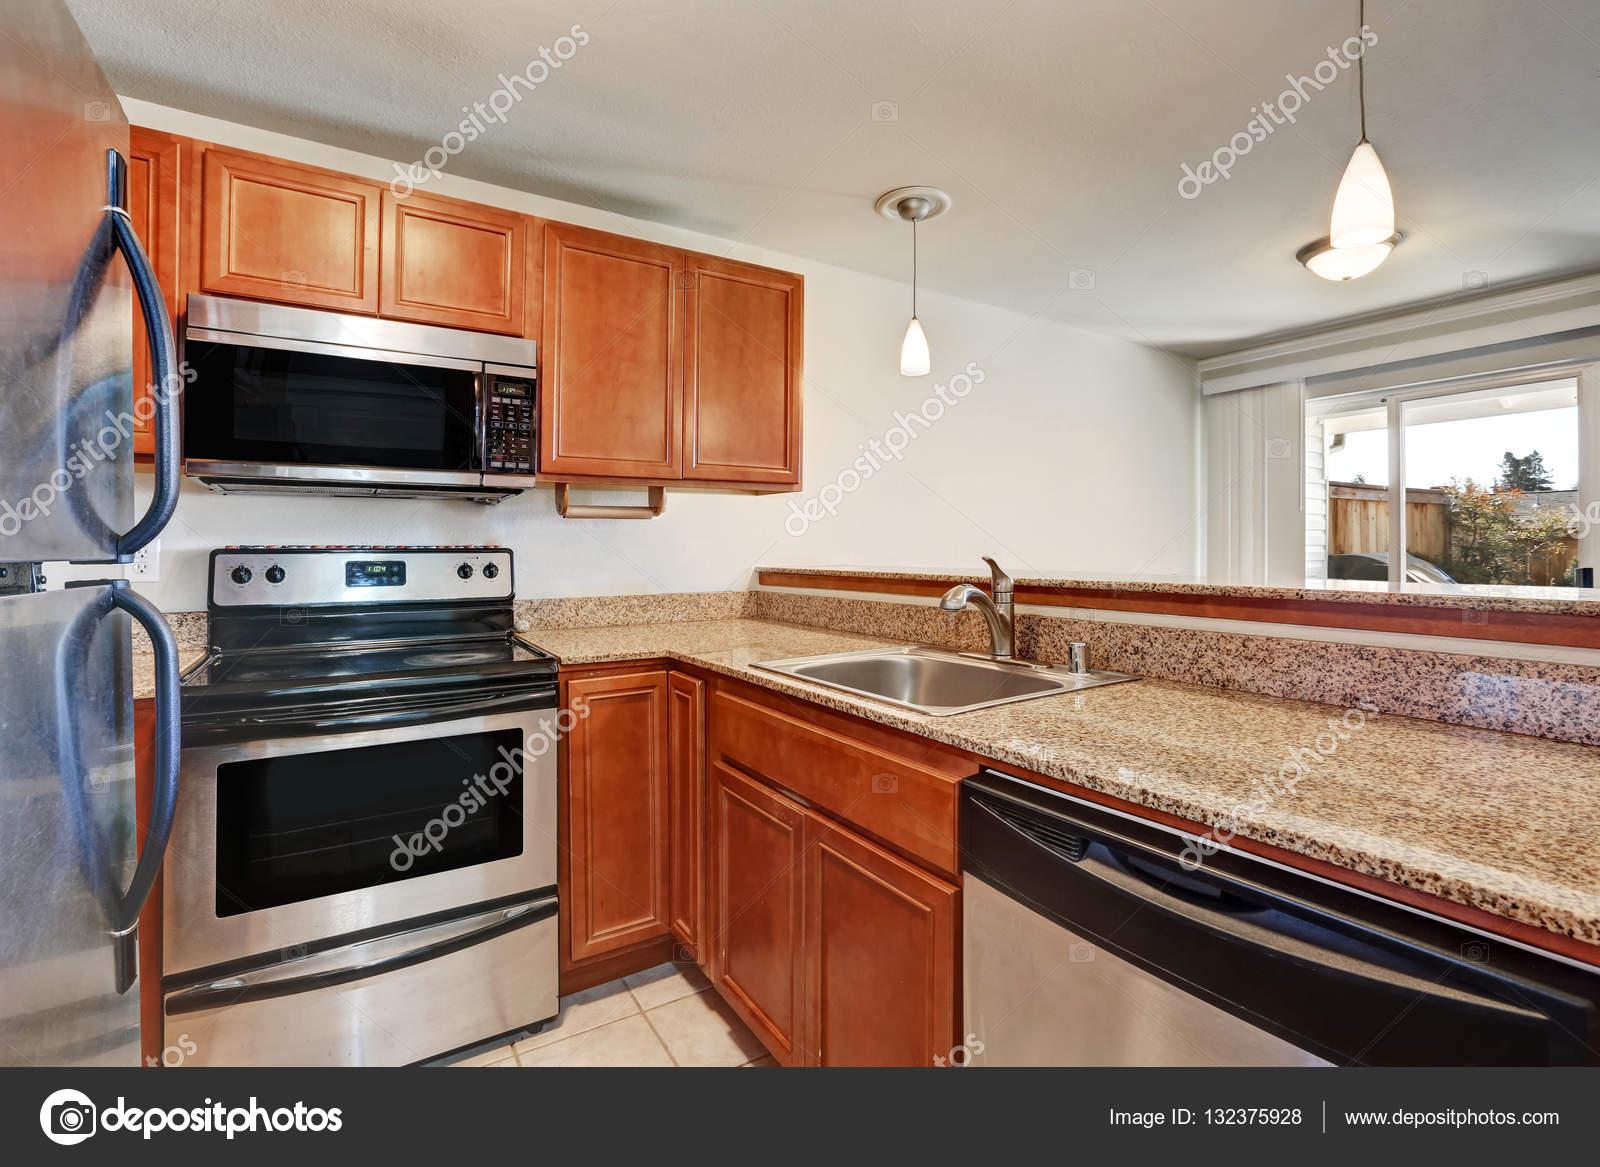 Keuken Kast Kleine : Kleine keuken beschikt over shaker kasten met granieten aanrecht